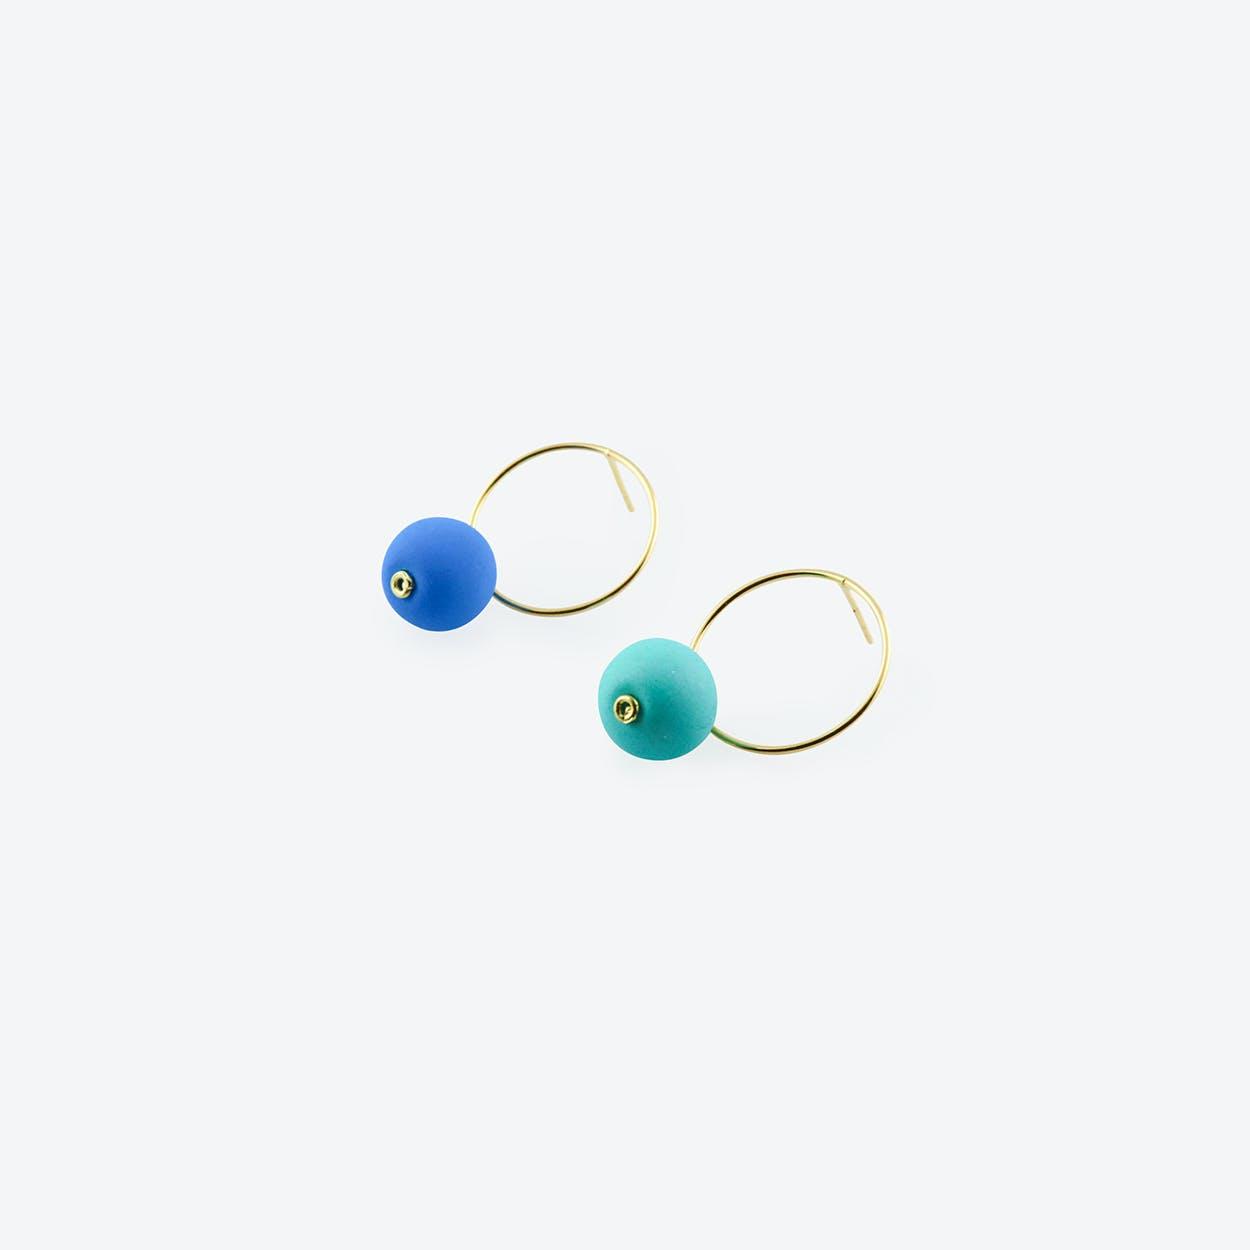 Bombon Earrings in Blue & Turquoise